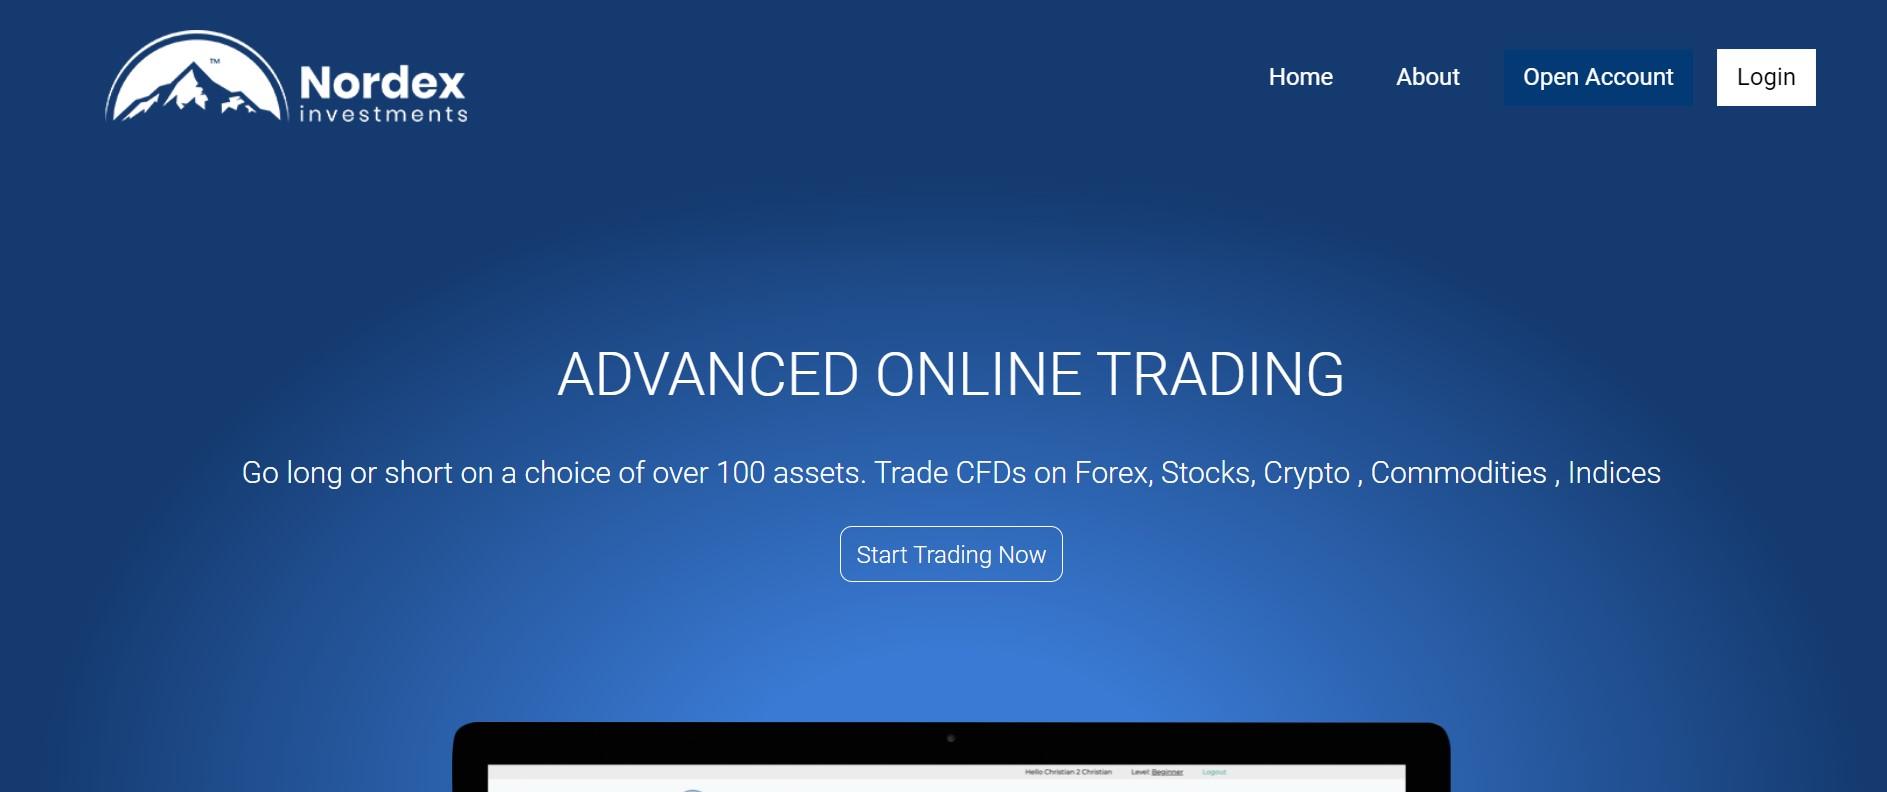 Nordex Invest website